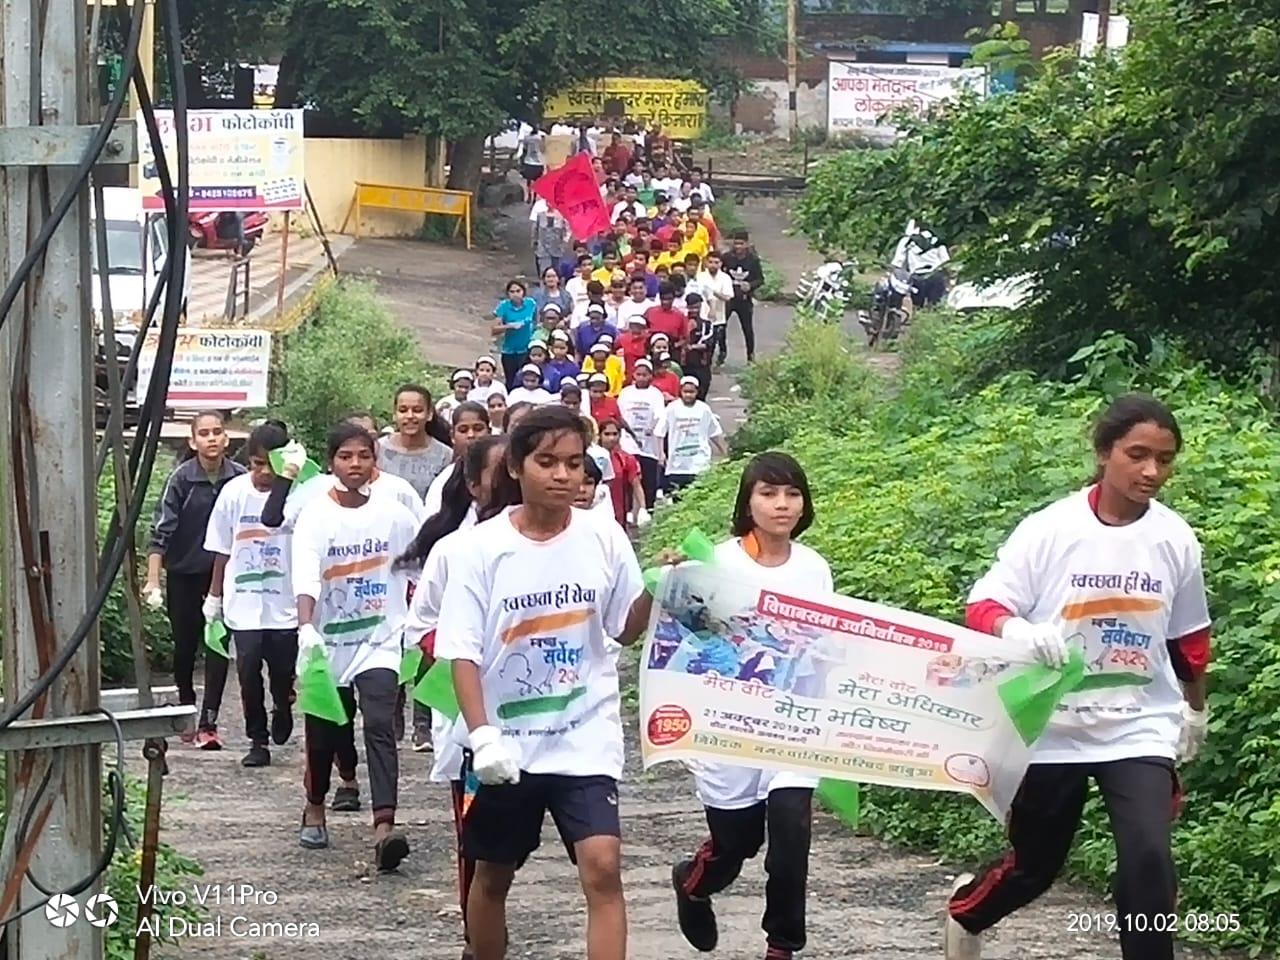 Jhabua News-शहर में रैली निकाल कर आमजन को दिलाया मतदान करने का संकल्प